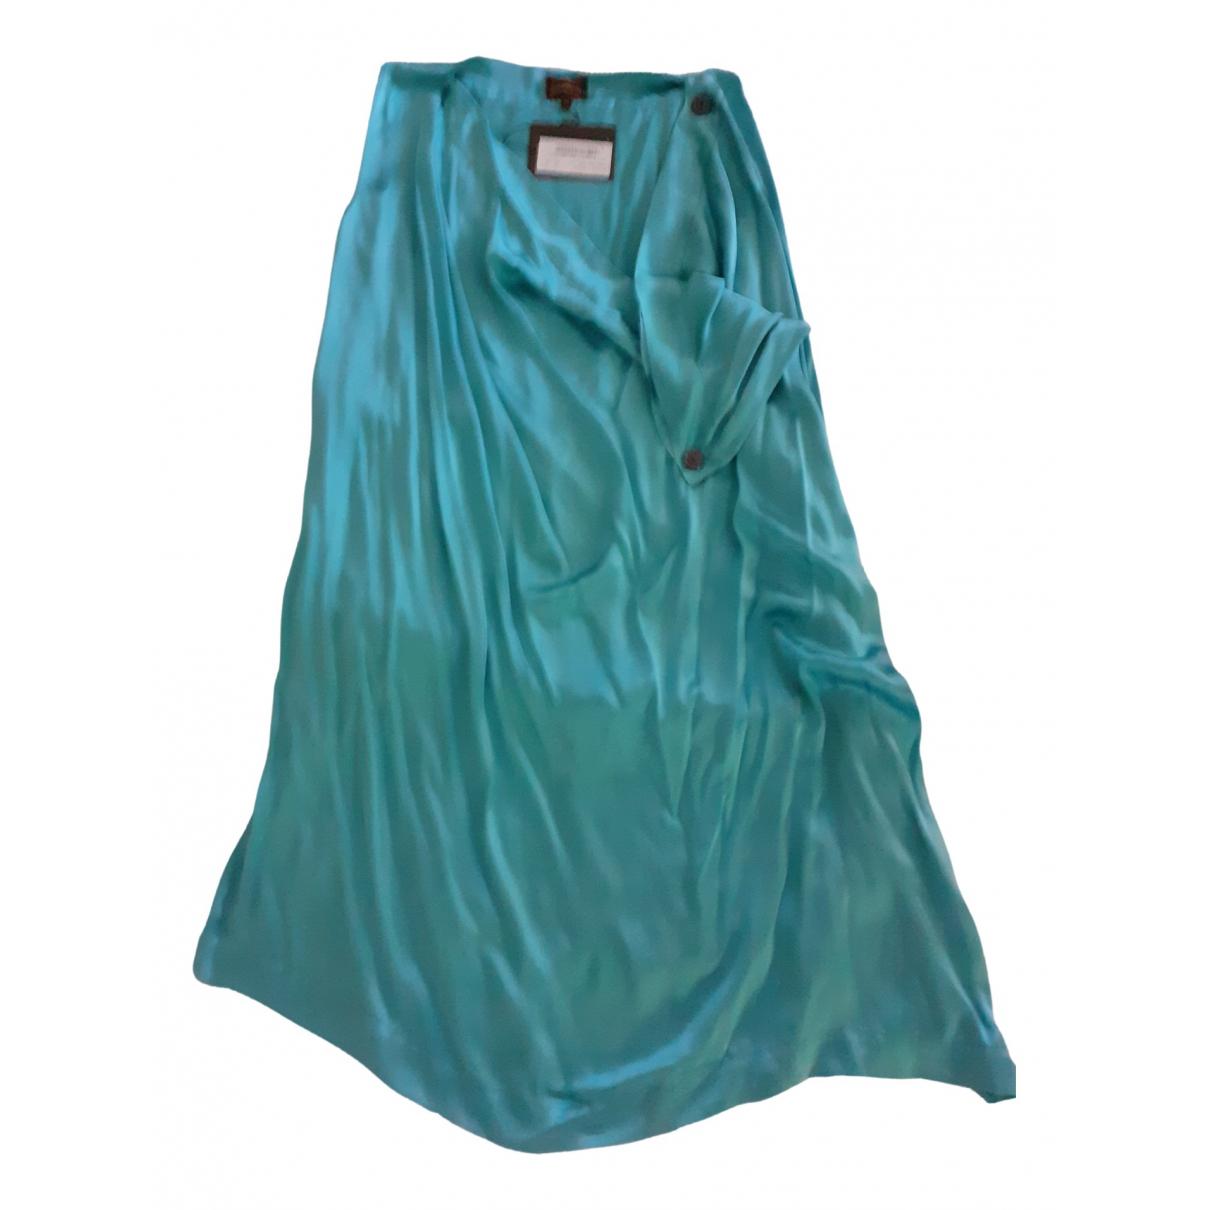 Vivienne Westwood \N Kleid in  Gruen Seide